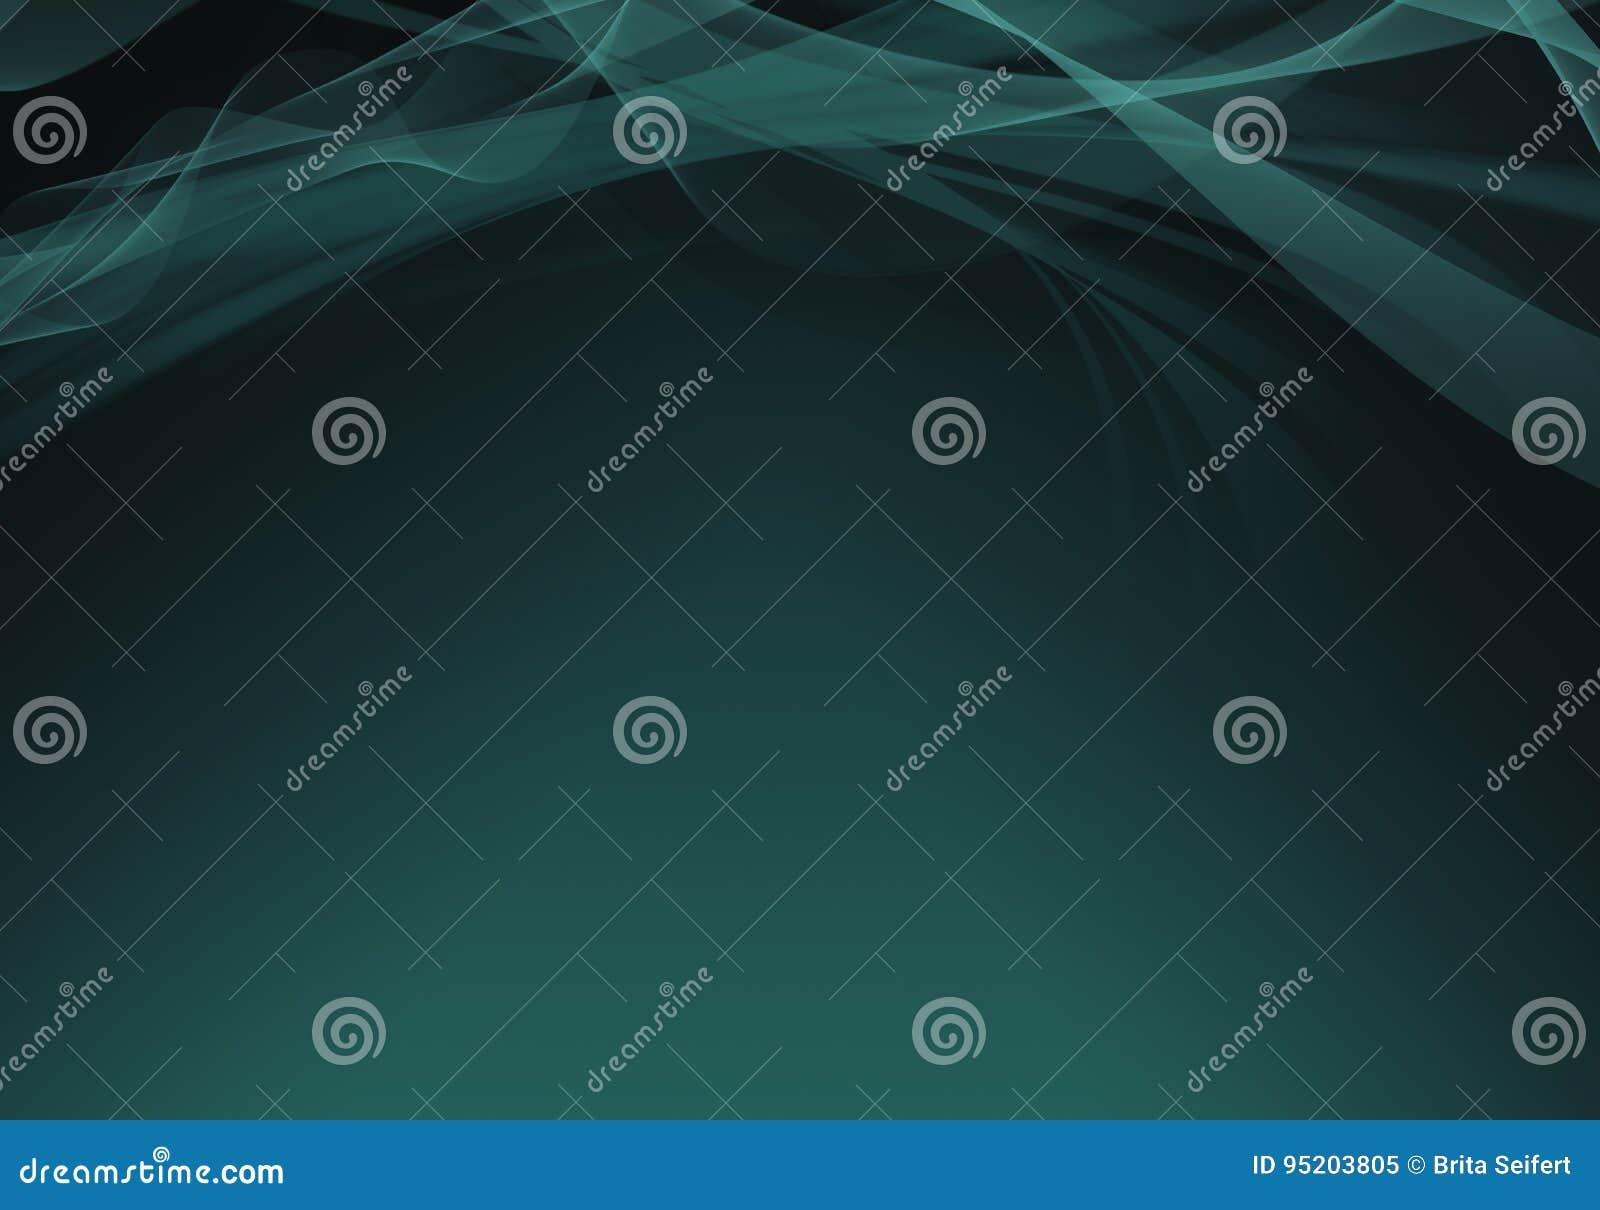 Elegant abstract ontwerp als achtergrond met ruimte